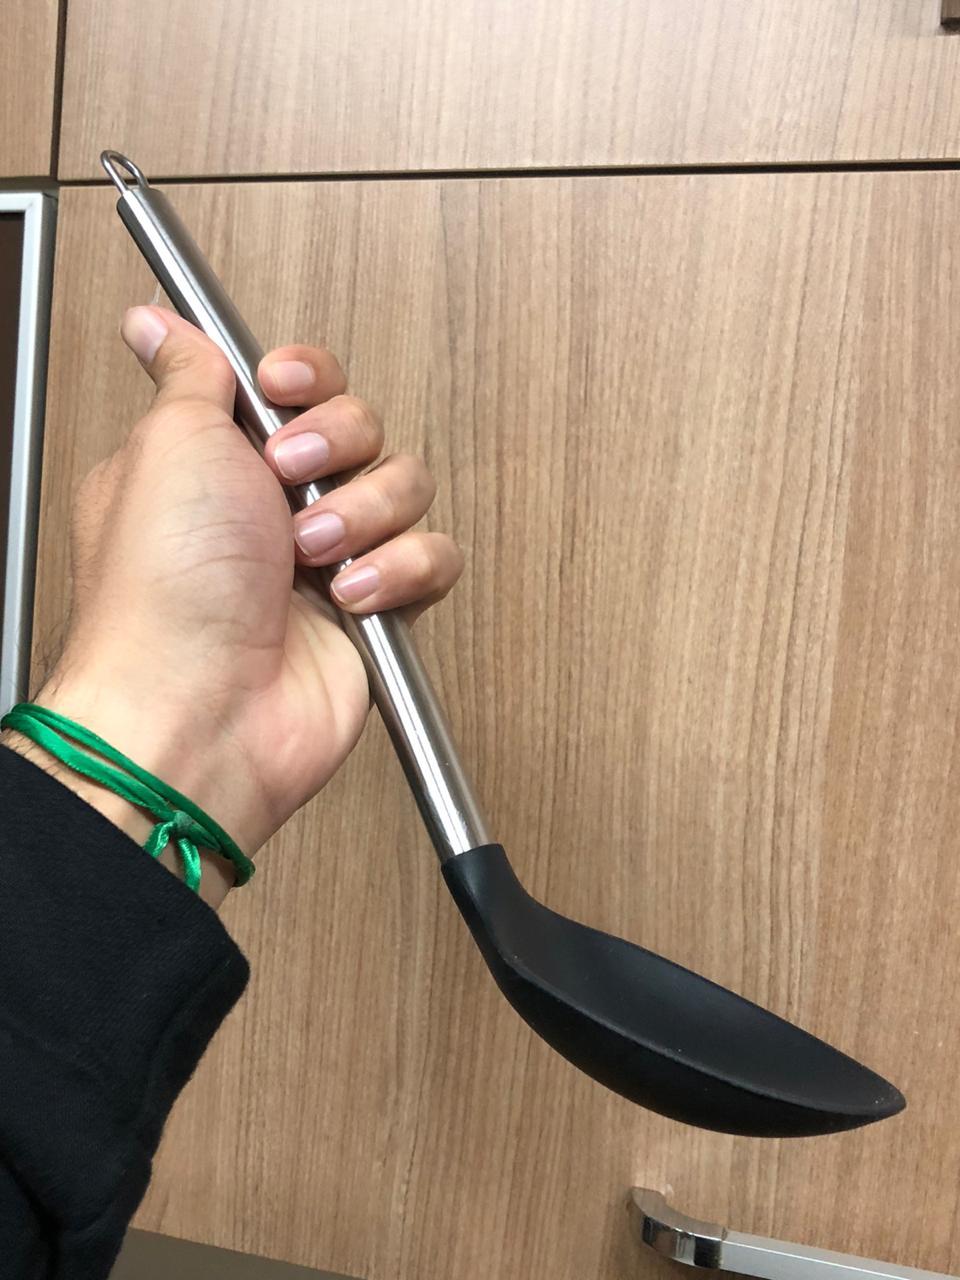 Colher de silicone arroz grande para servir inox preta 34cm utensílio de cozinha